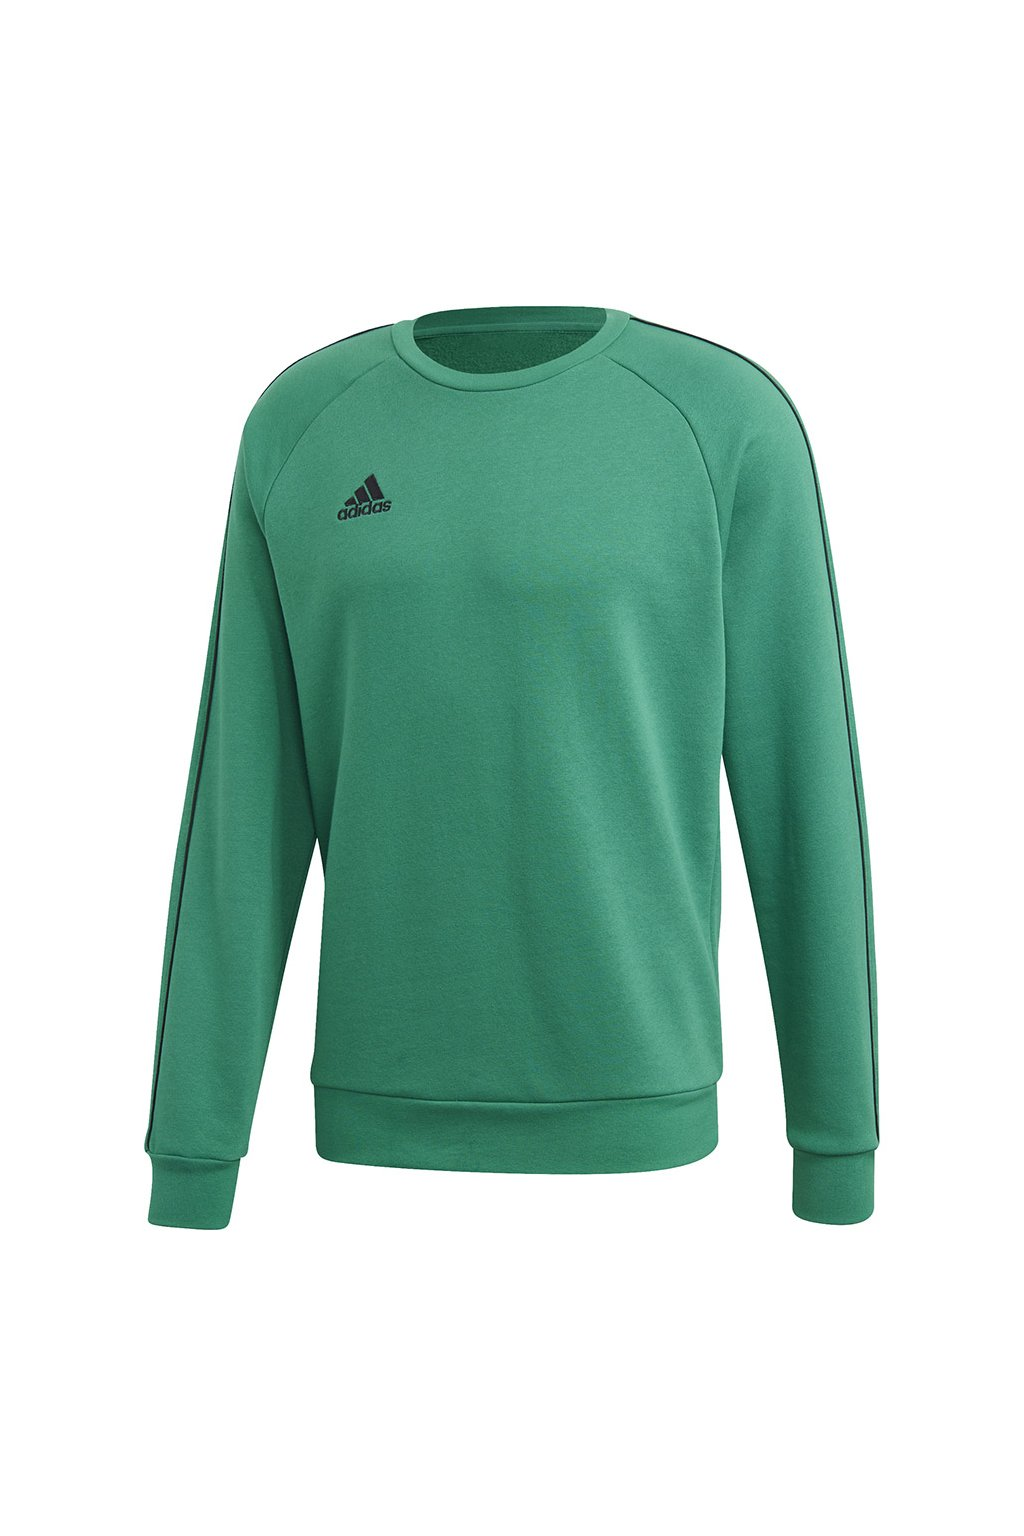 Pánska mikina Adidas Core 18 Sweat Top zelená FS1898